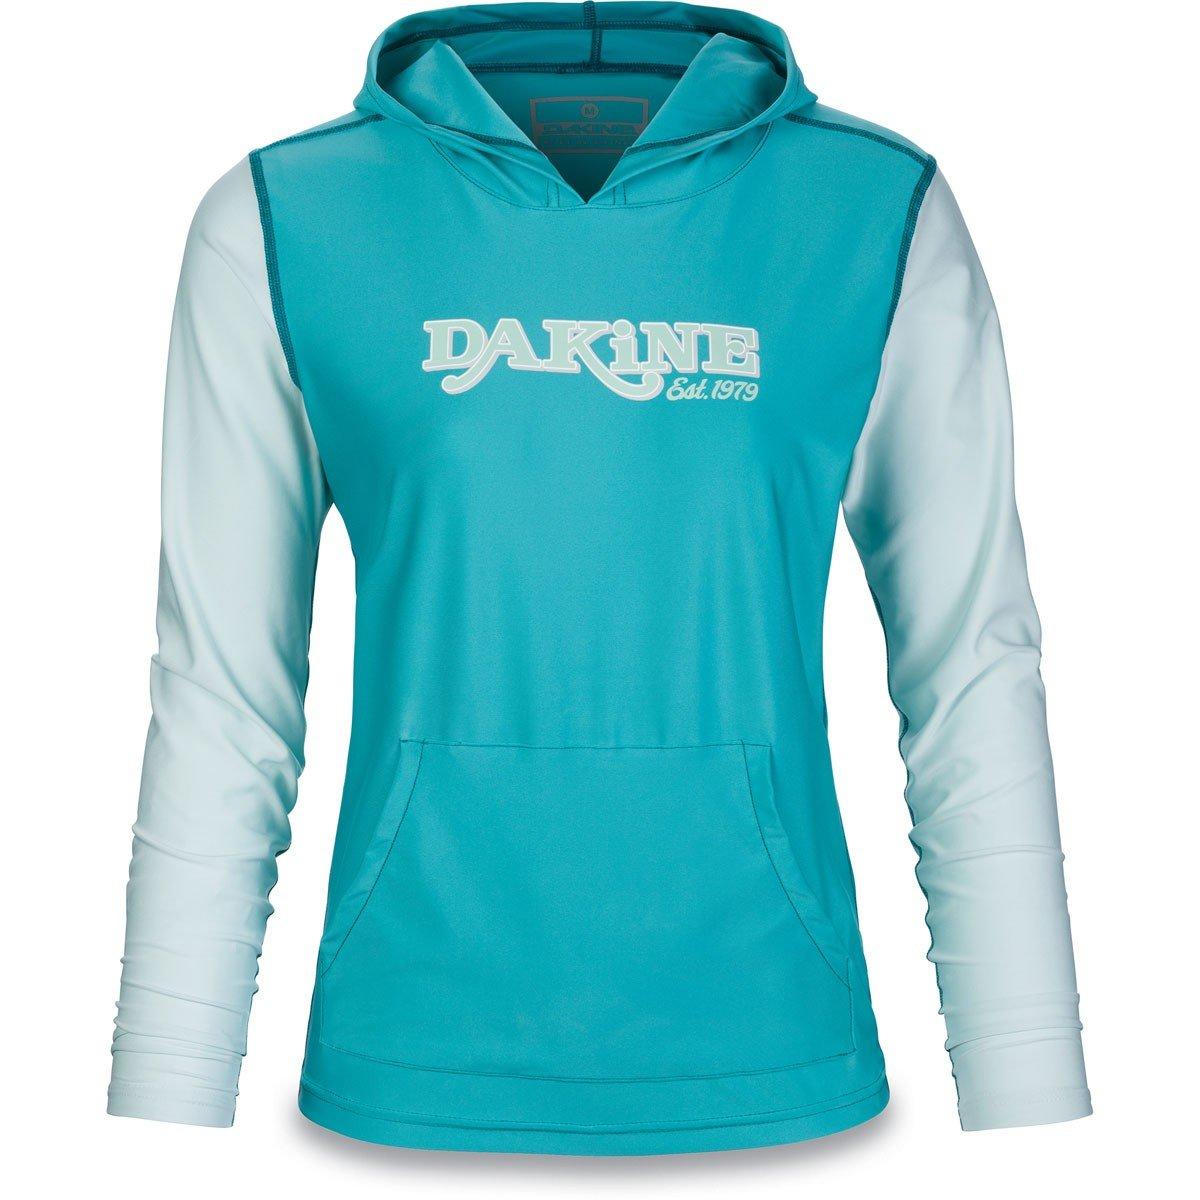 Dakine Women's Flow Loose Fit Long Sleeve Hooded Rashguard